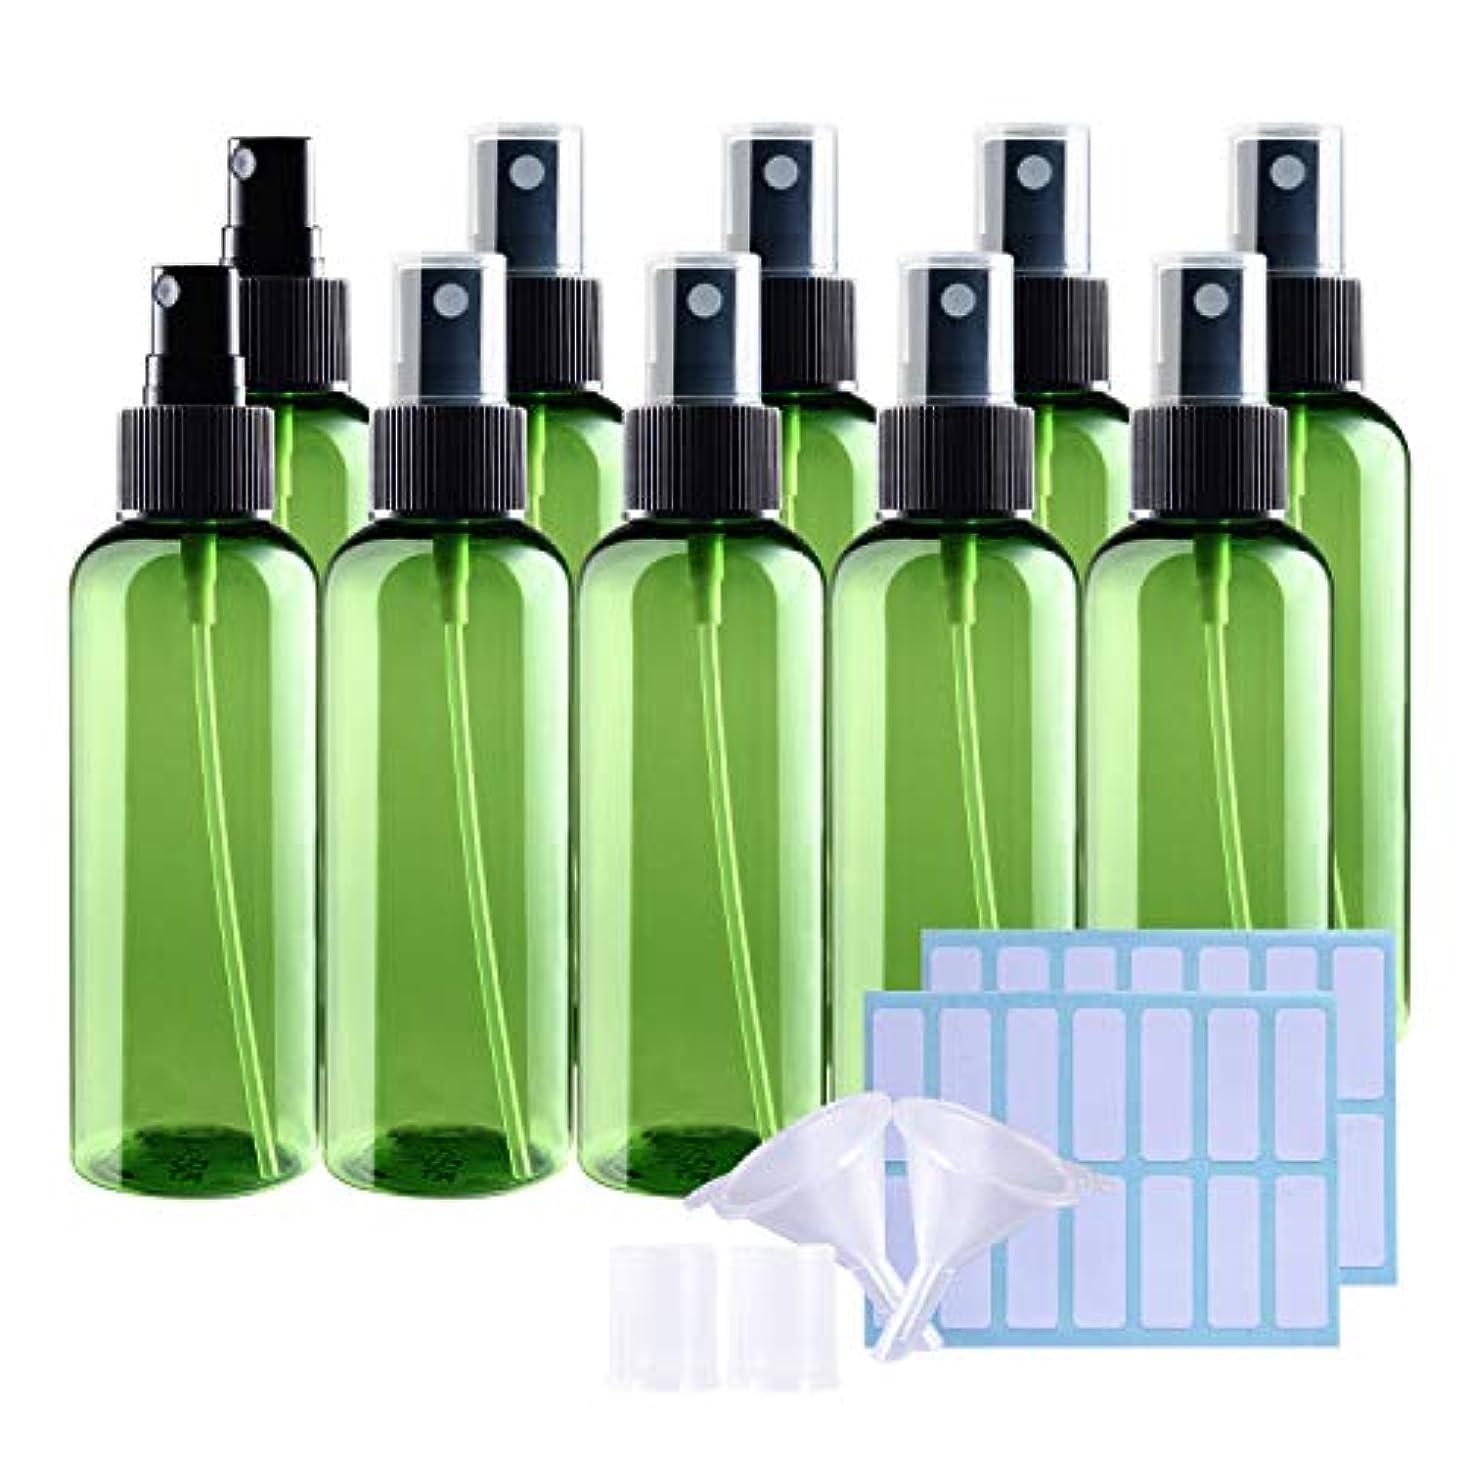 提案信じる基礎理論100mlスプレーボトル 10個セット遮光瓶 小分けボトル プラスチック容器 液体用空ボトル 押し式詰替用ボトル 詰め替え シャンプー クリーム 化粧品 収納瓶(緑 10本)